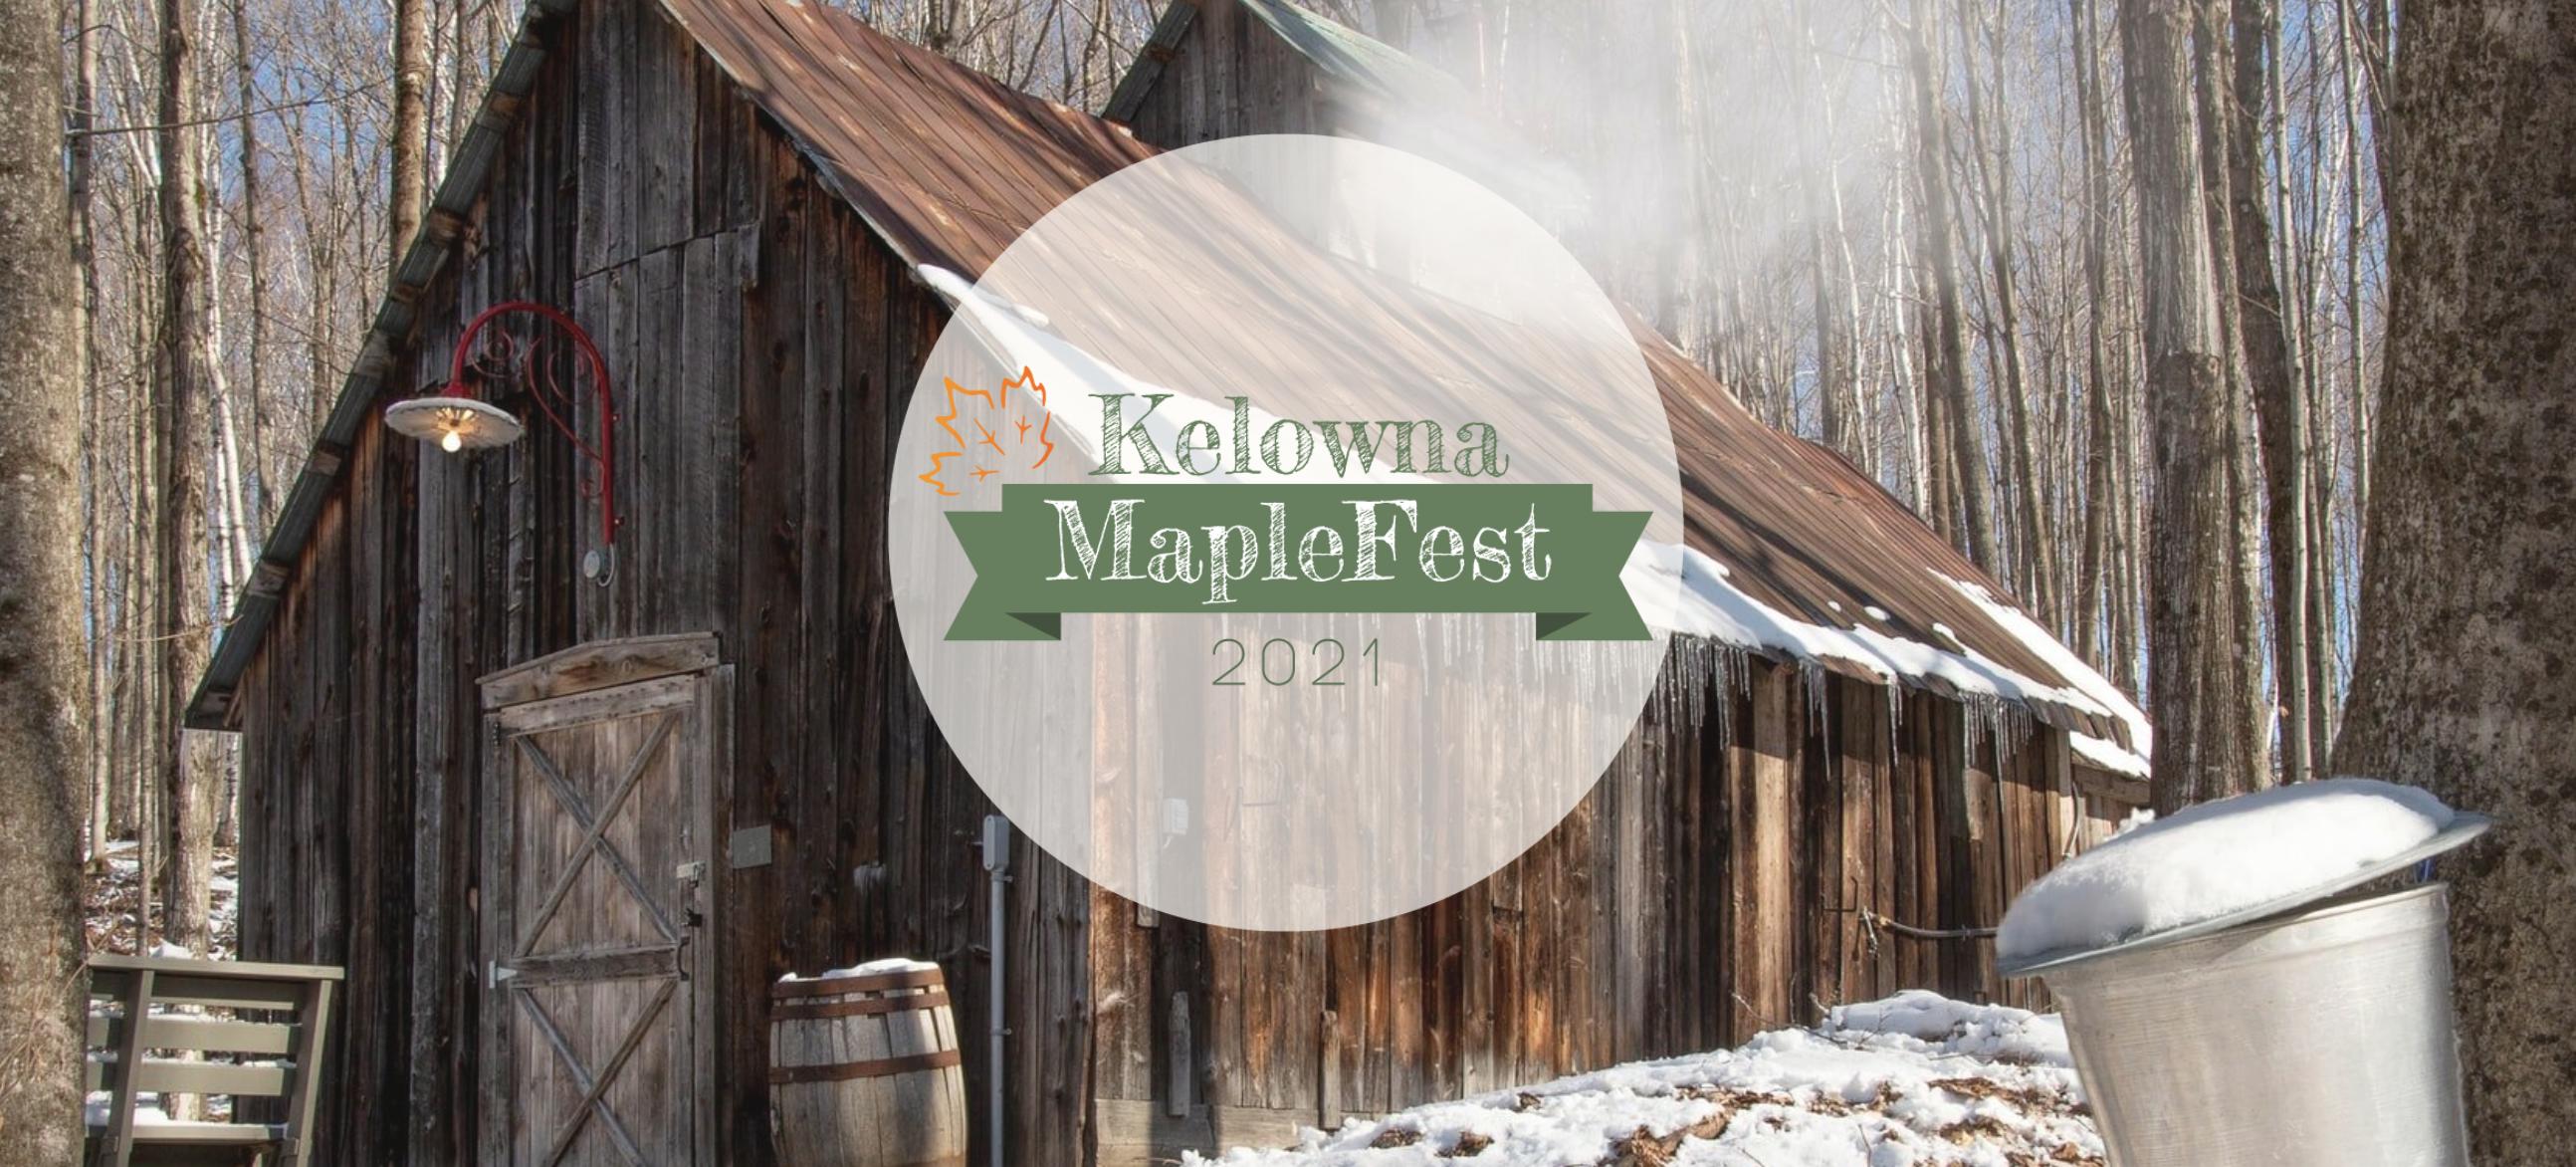 Kelowna MapleFest 2021